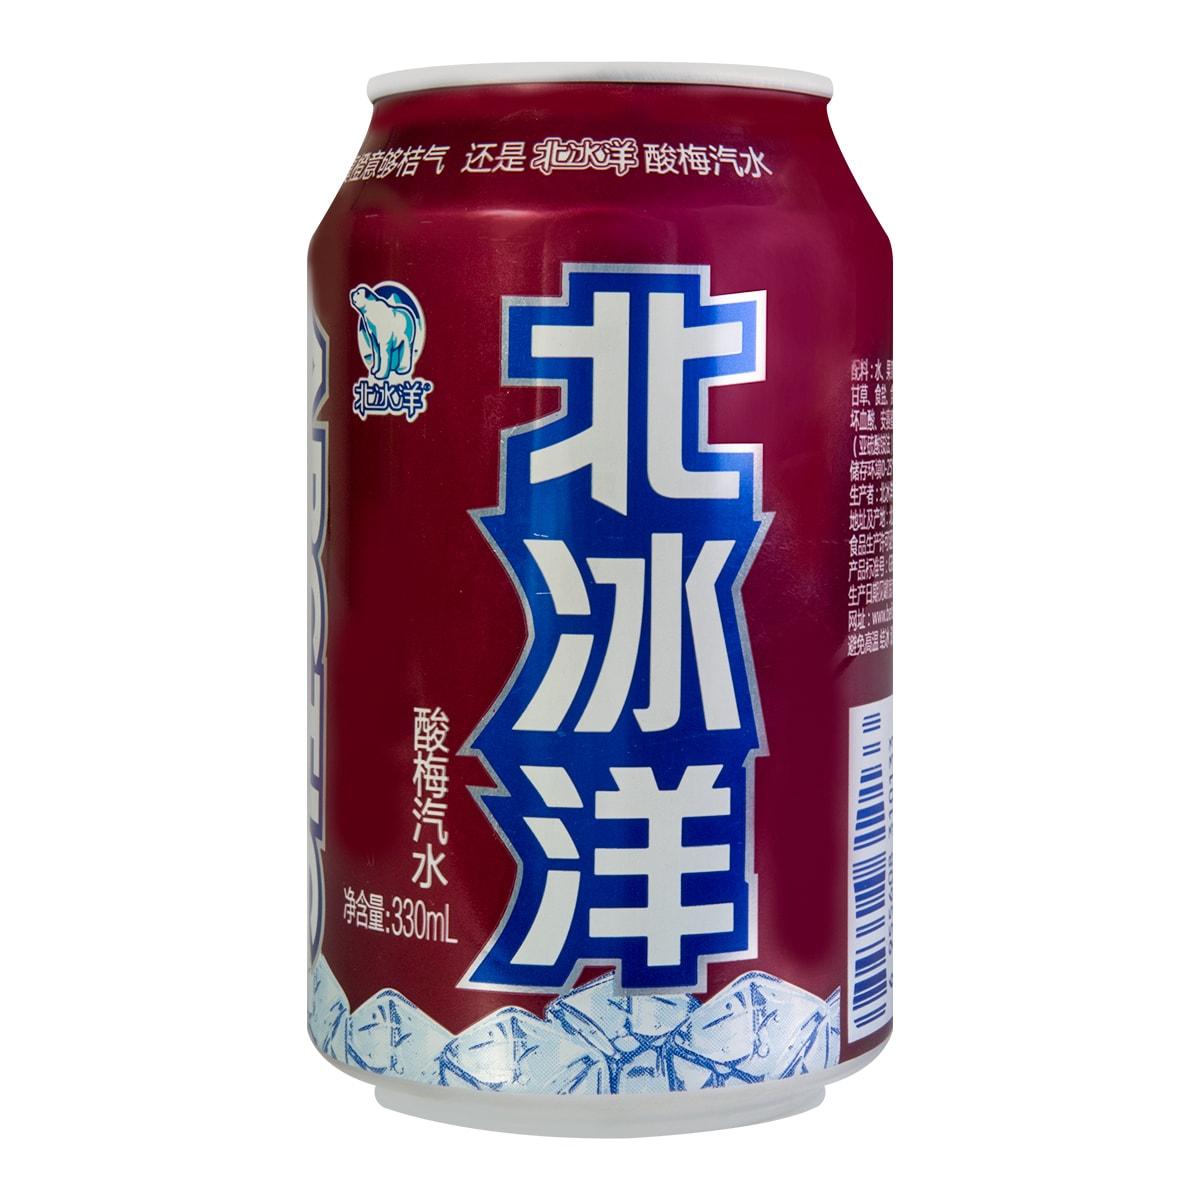 北冰洋 酸梅汽水 罐装 330ml 老北京风味